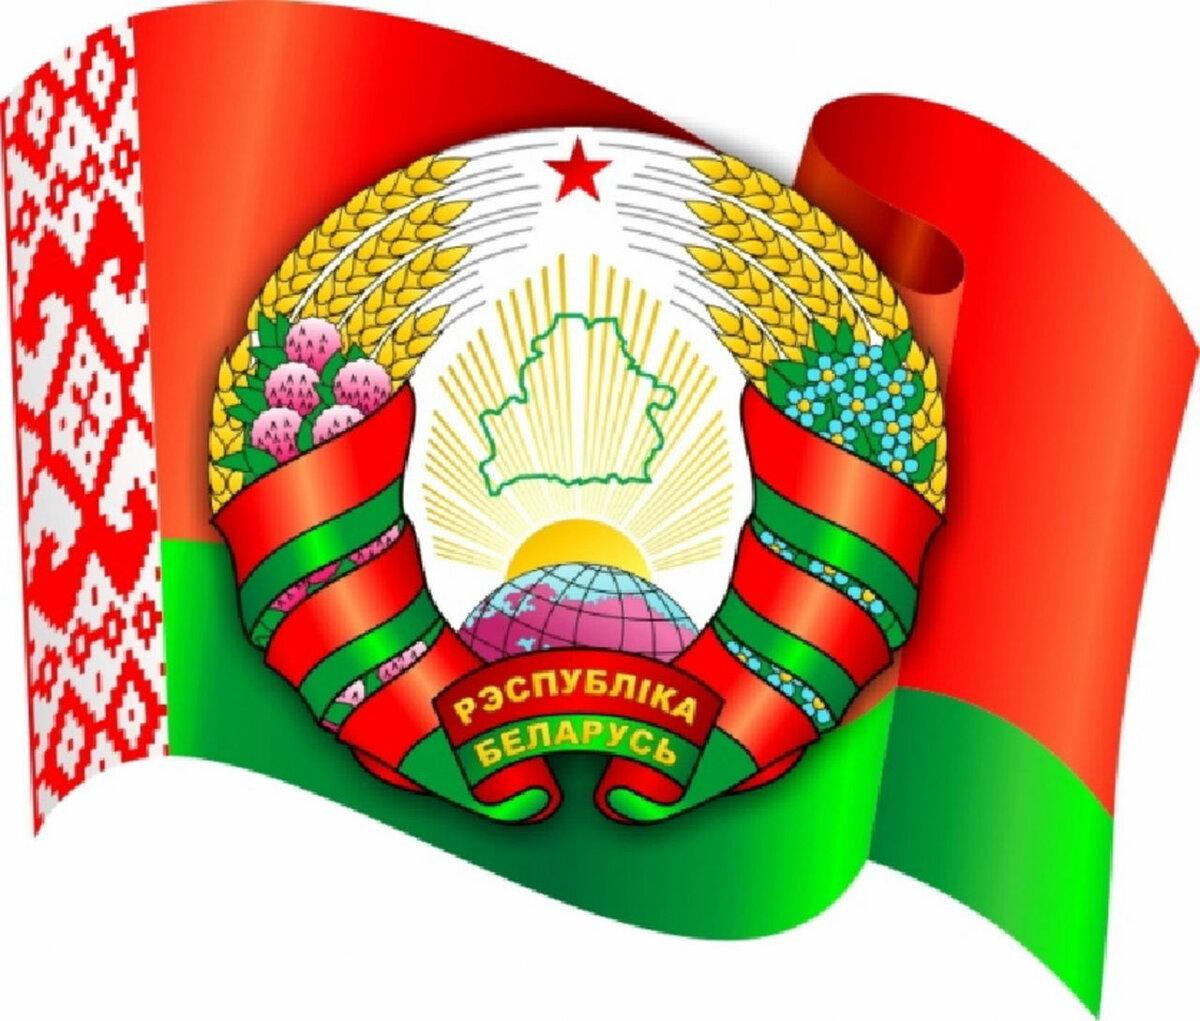 Герб белоруссии картинки в хорошем качестве нальчике семьёй